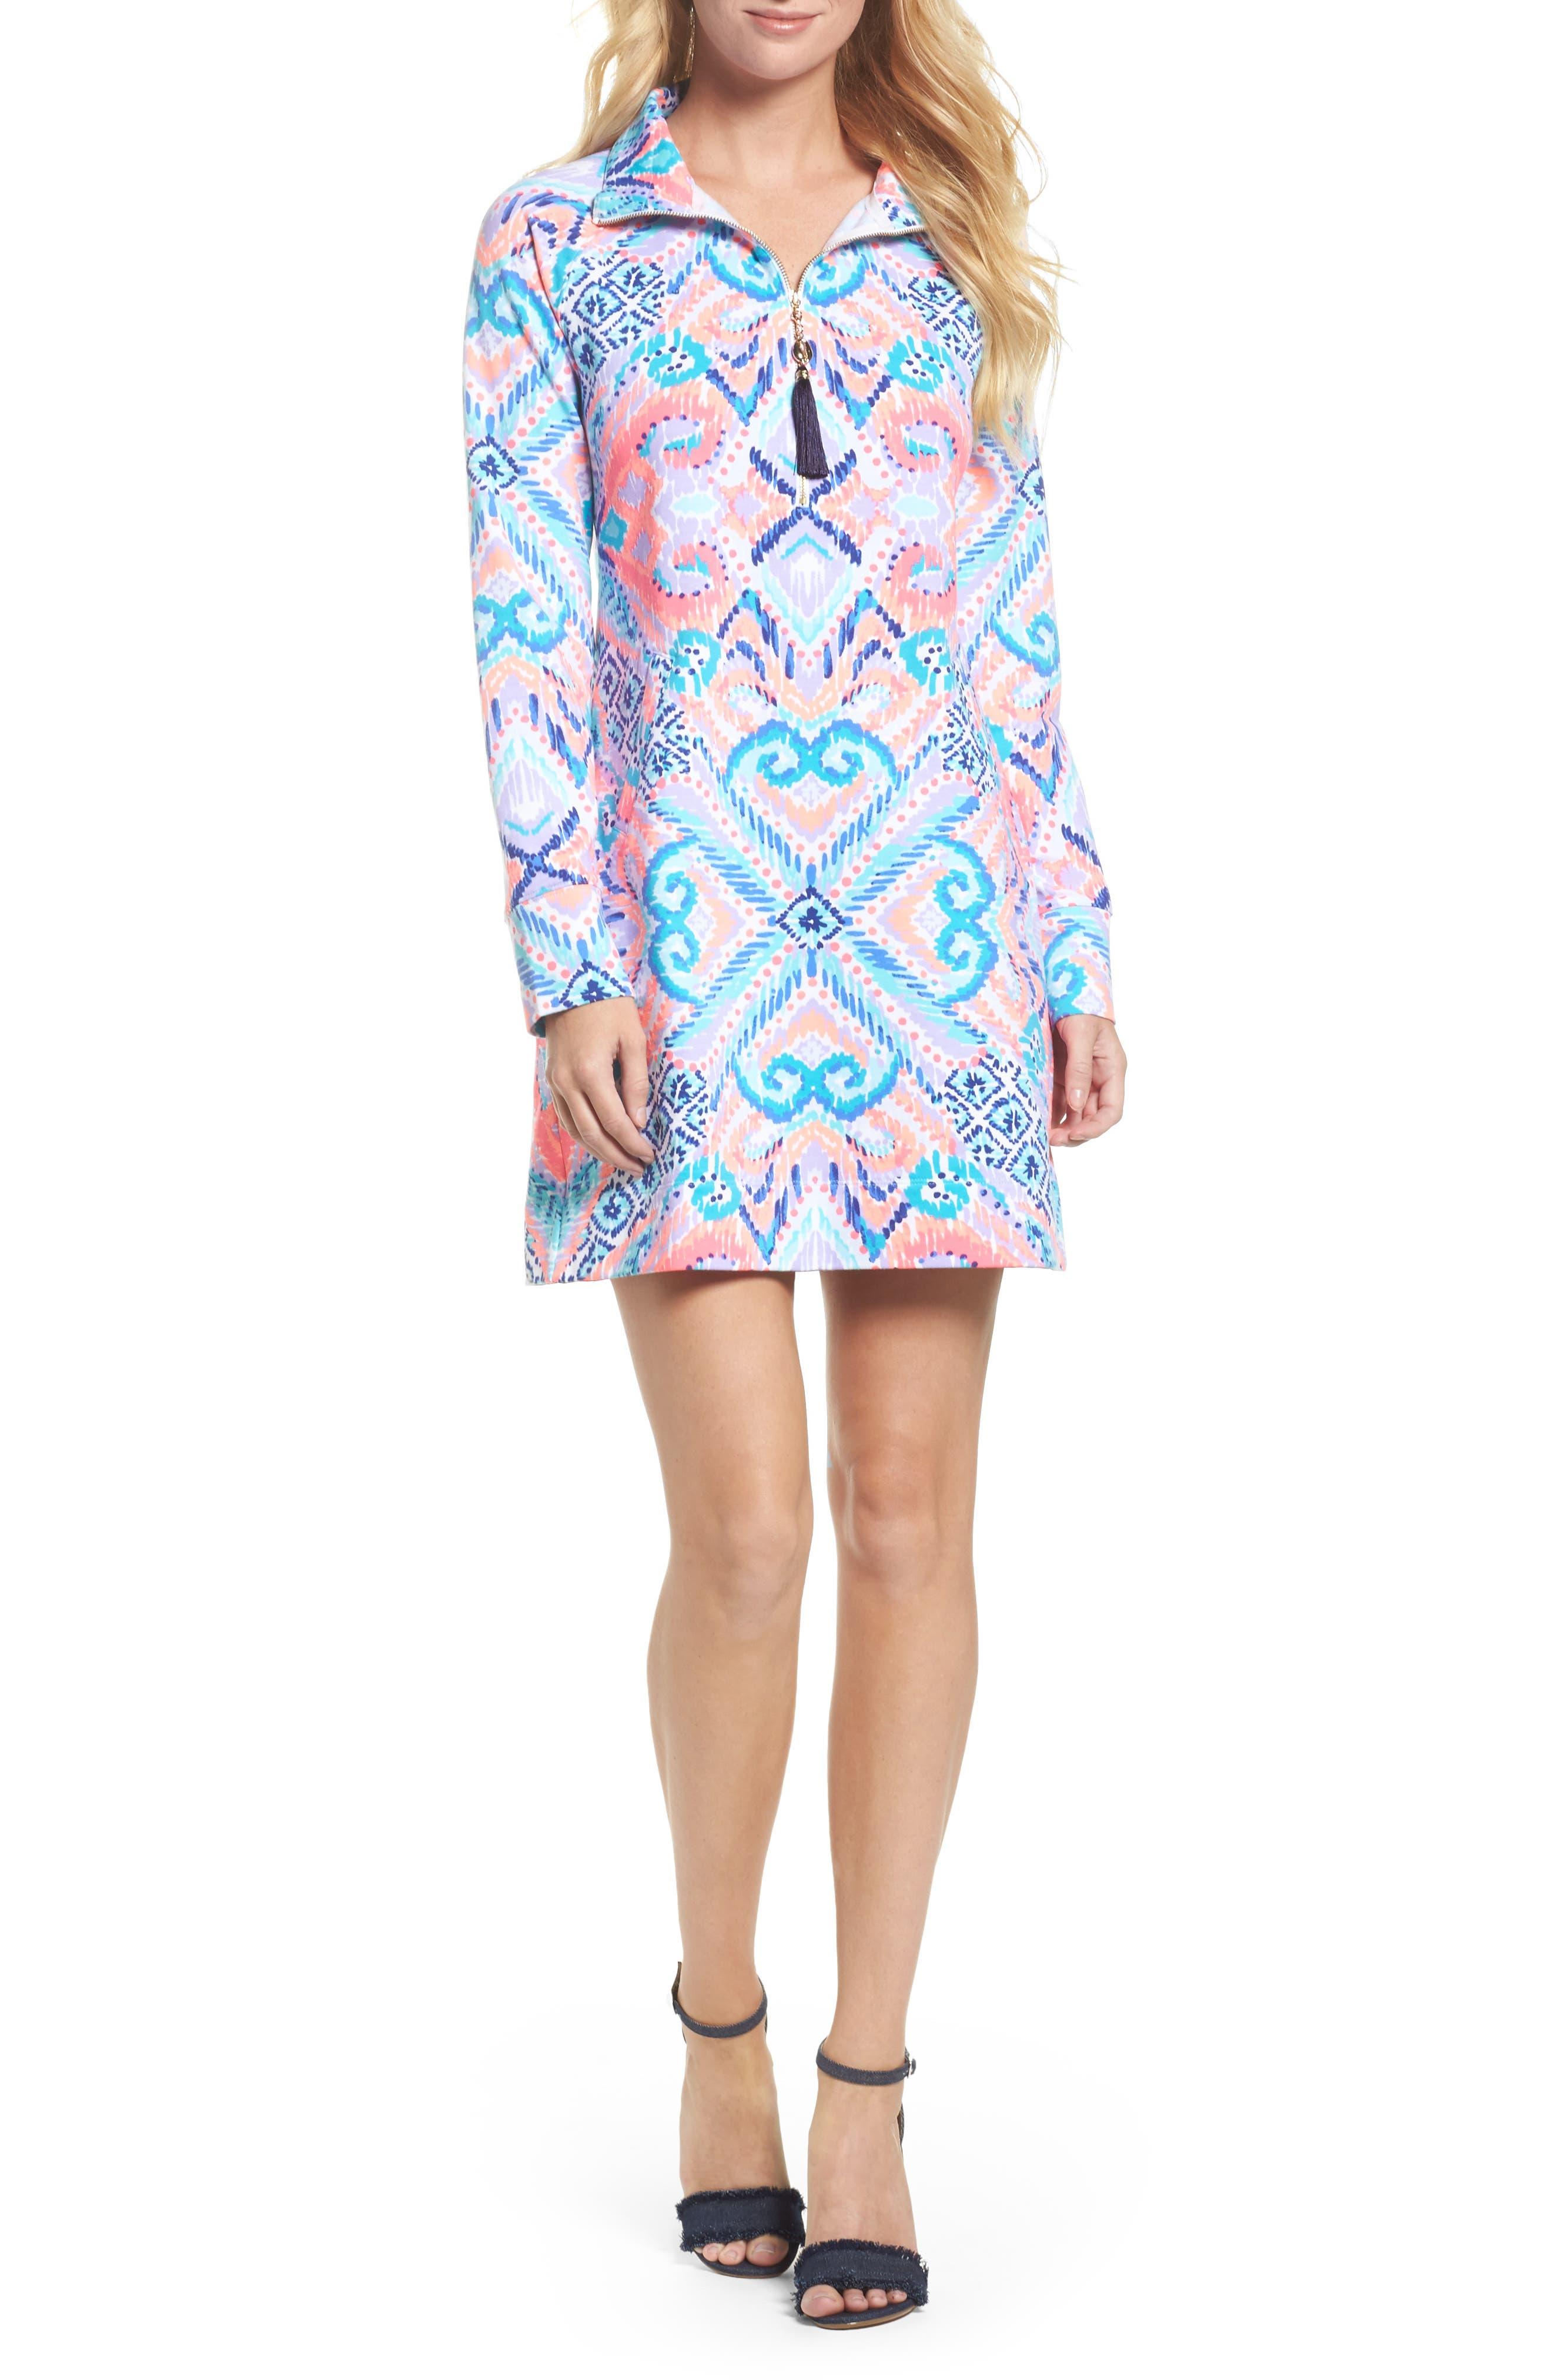 Lilly Pulitzer® Skipper UPF 50+ Dress